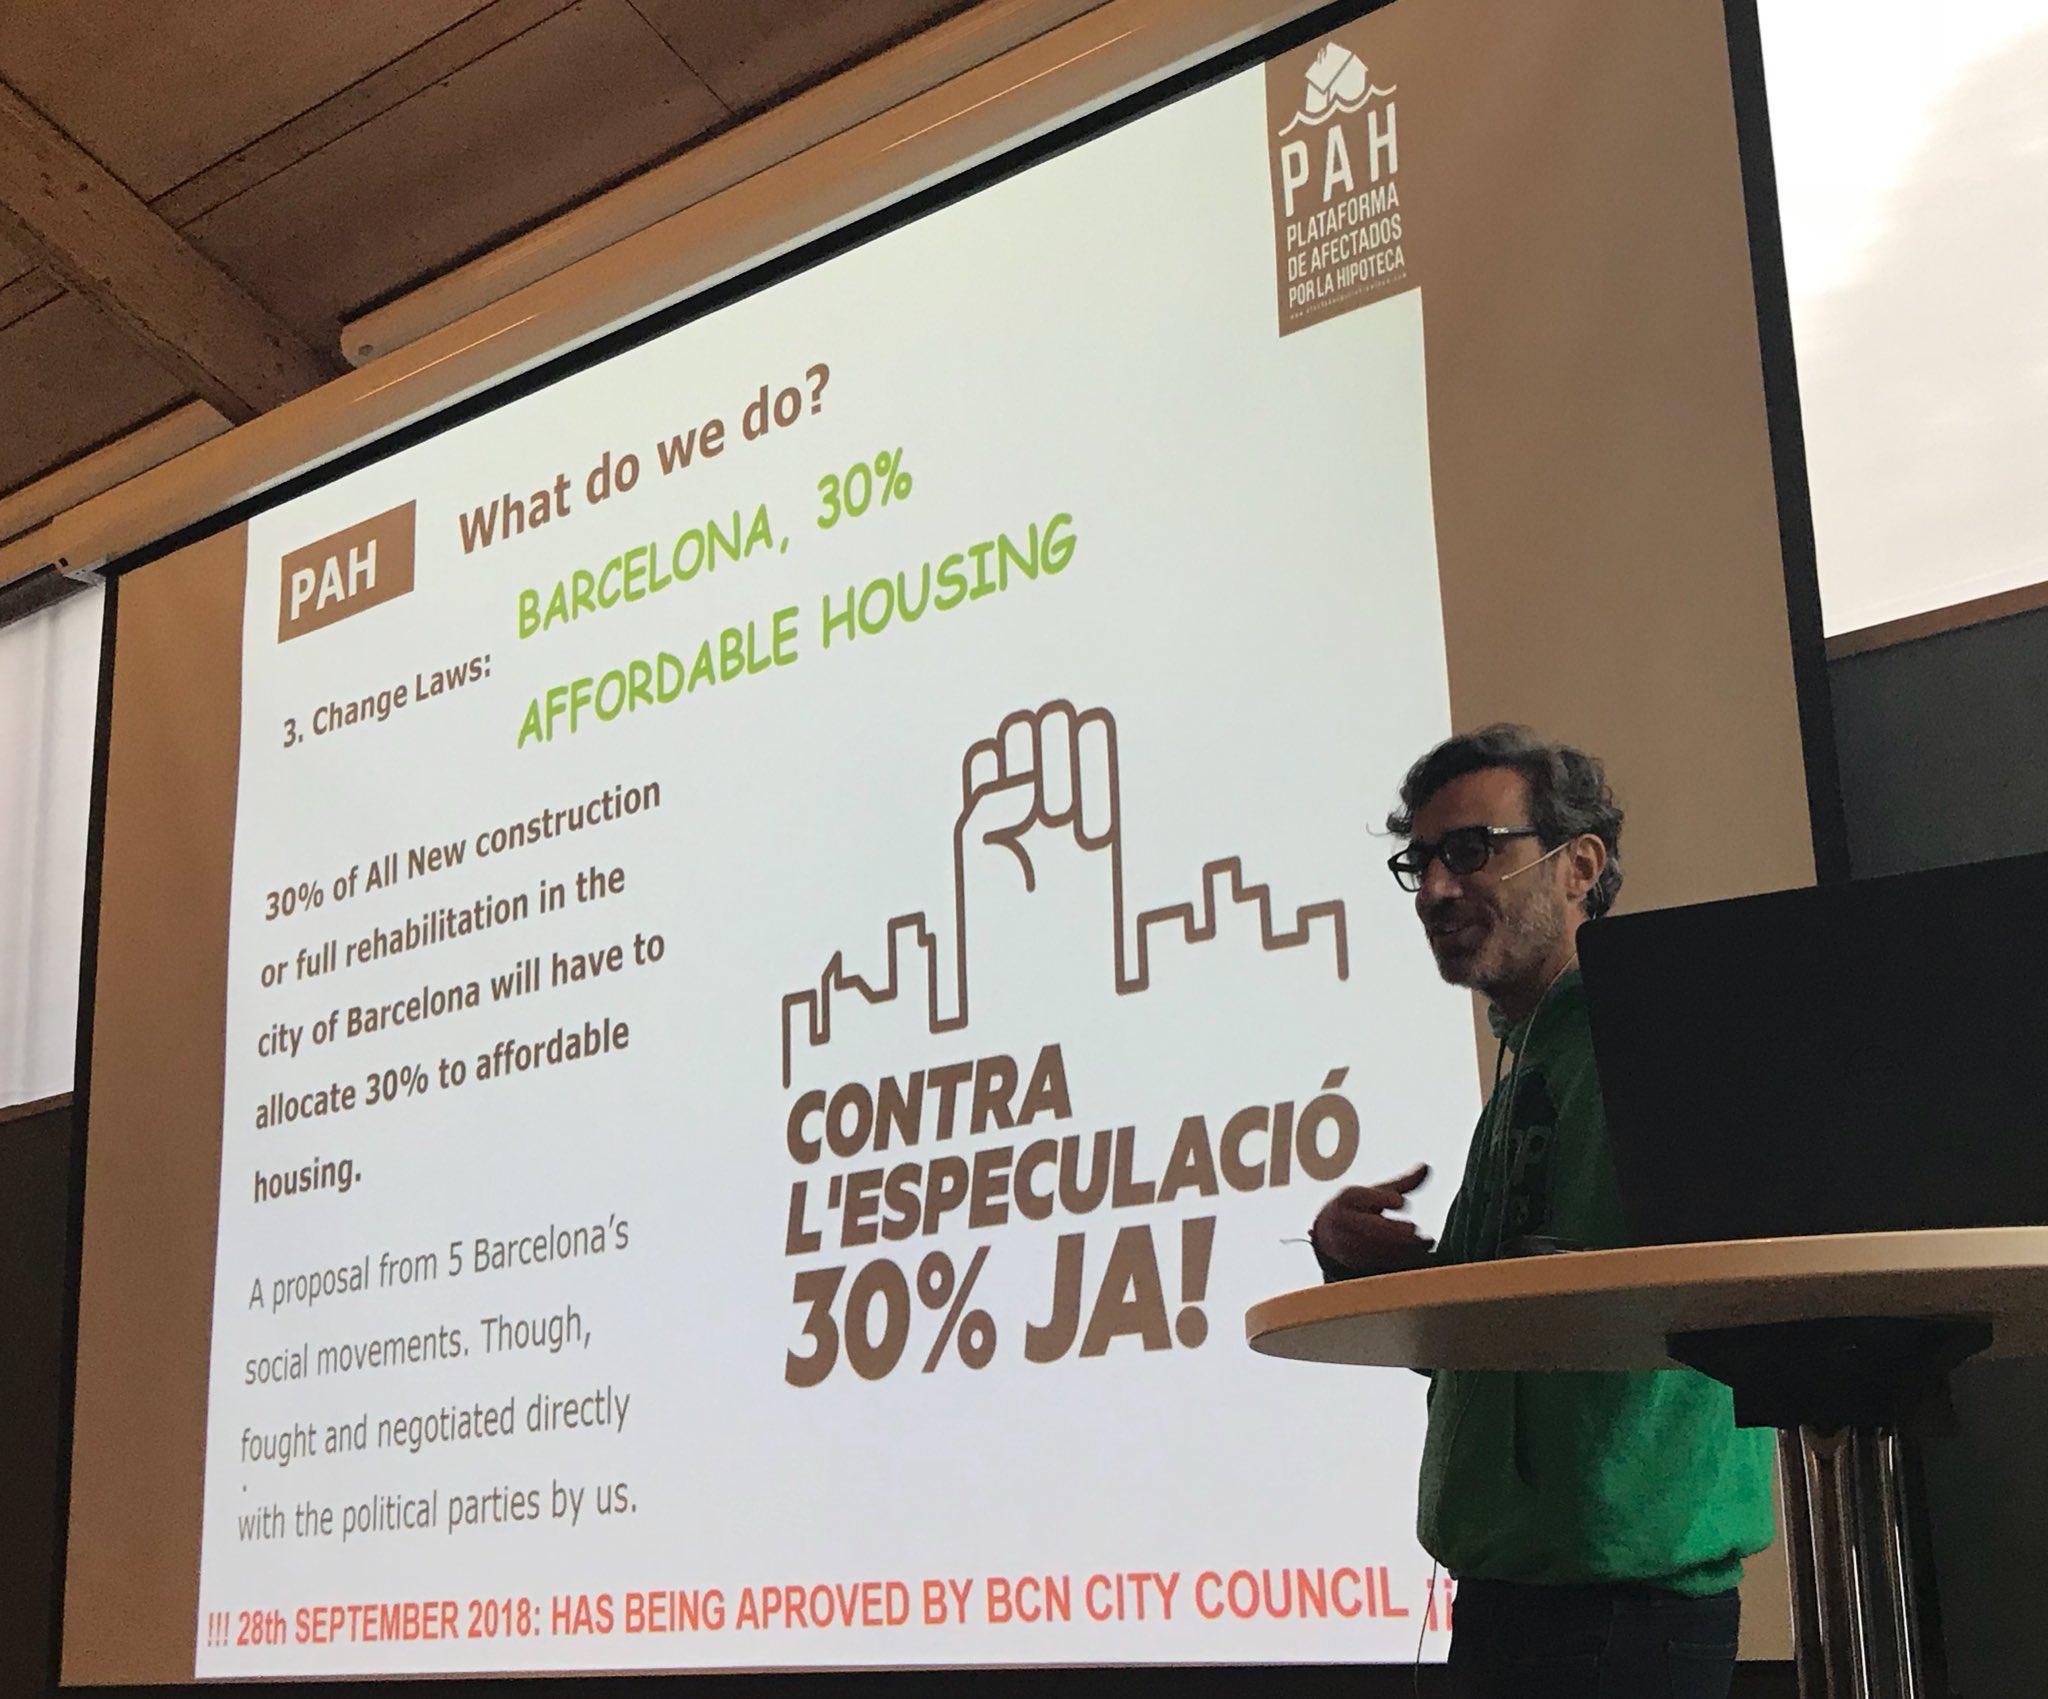 «Urban exclusion versus inclusion: the global challenges of housing eviction» / «Exclusión urbana versus inclusión: los desafíos globales del desalojo de viviendas»  Oslo